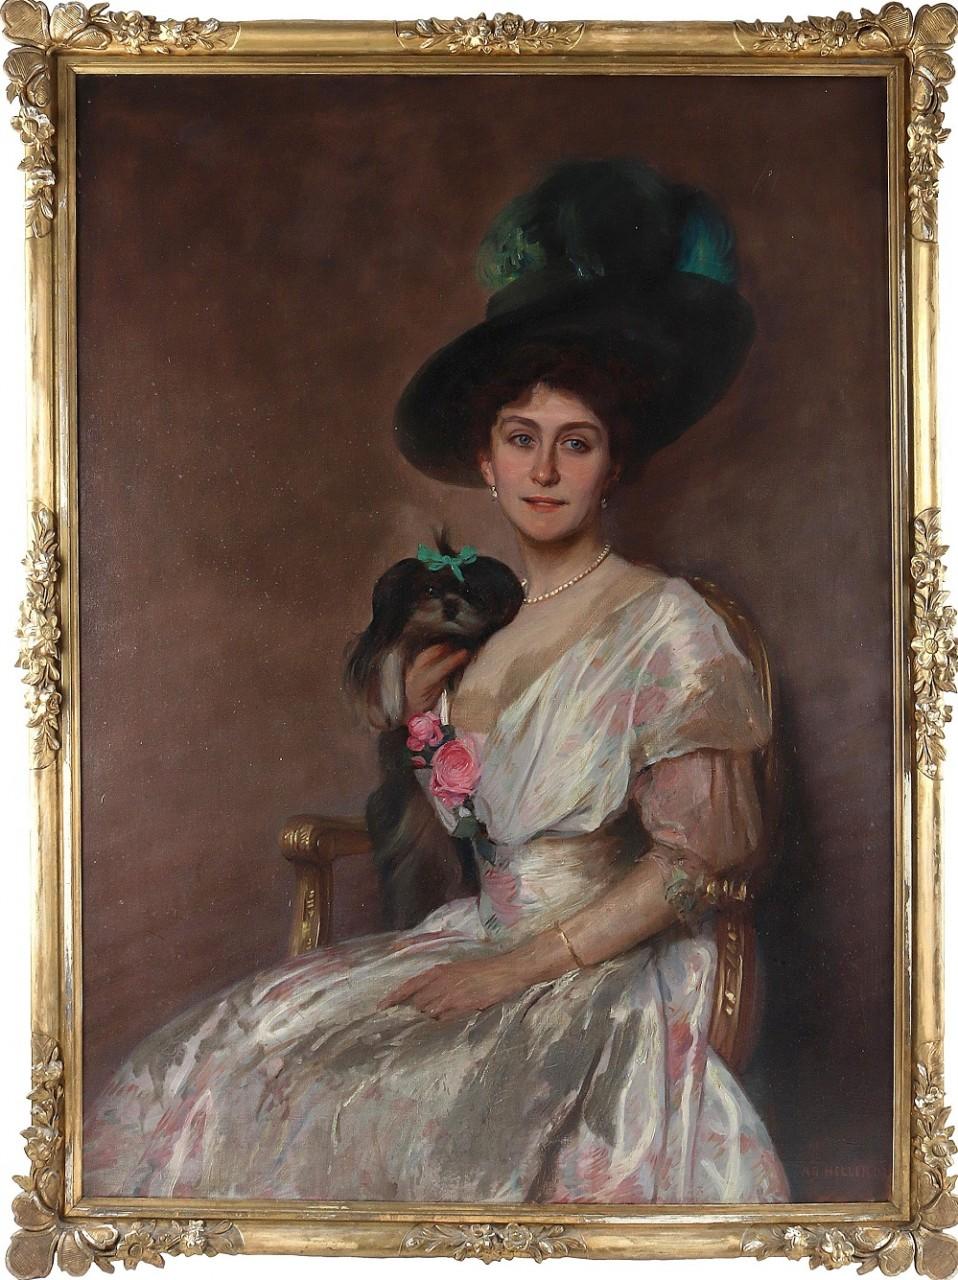 Портрет придворной актрисы Лили Марберг...Adolf Heller (German, 1874-1914)